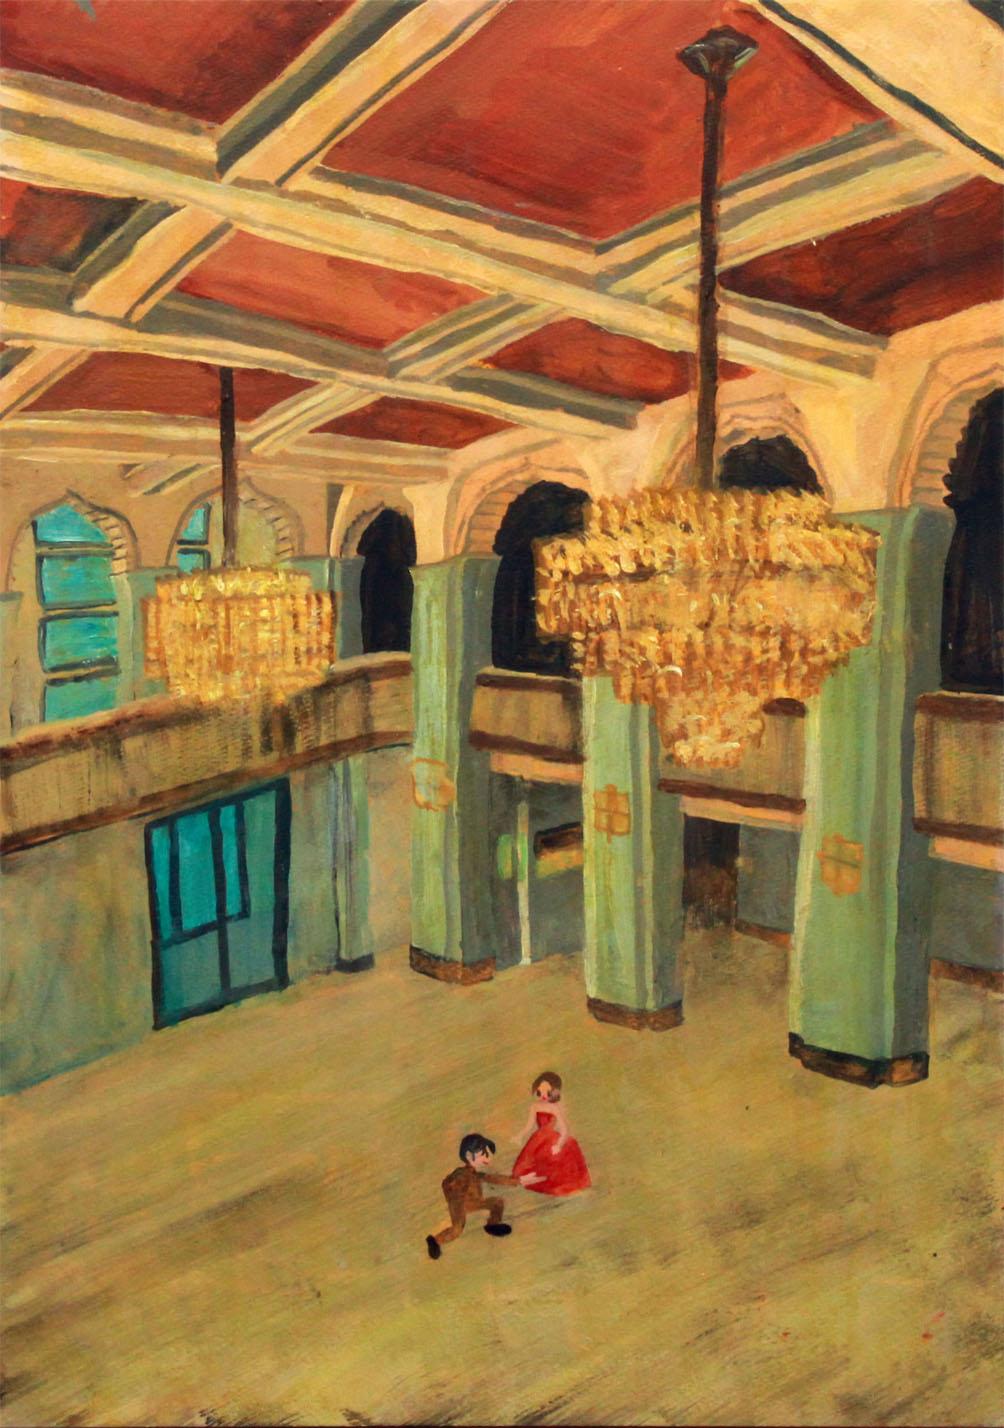 「お屋敷」大阪市立美術館のイメージ。